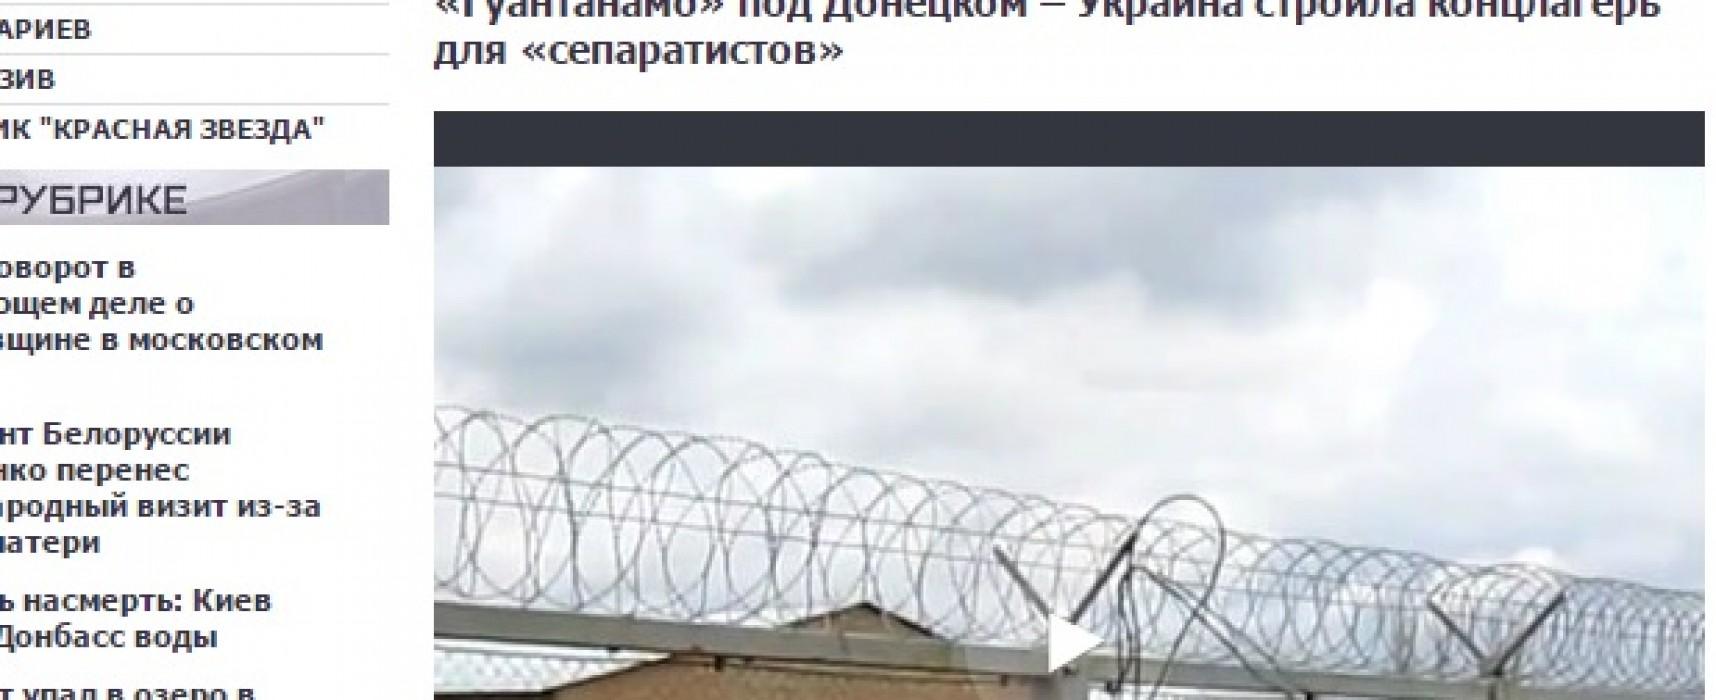 Фейк: В Донецкой области строился концлагерь для сепаратистов